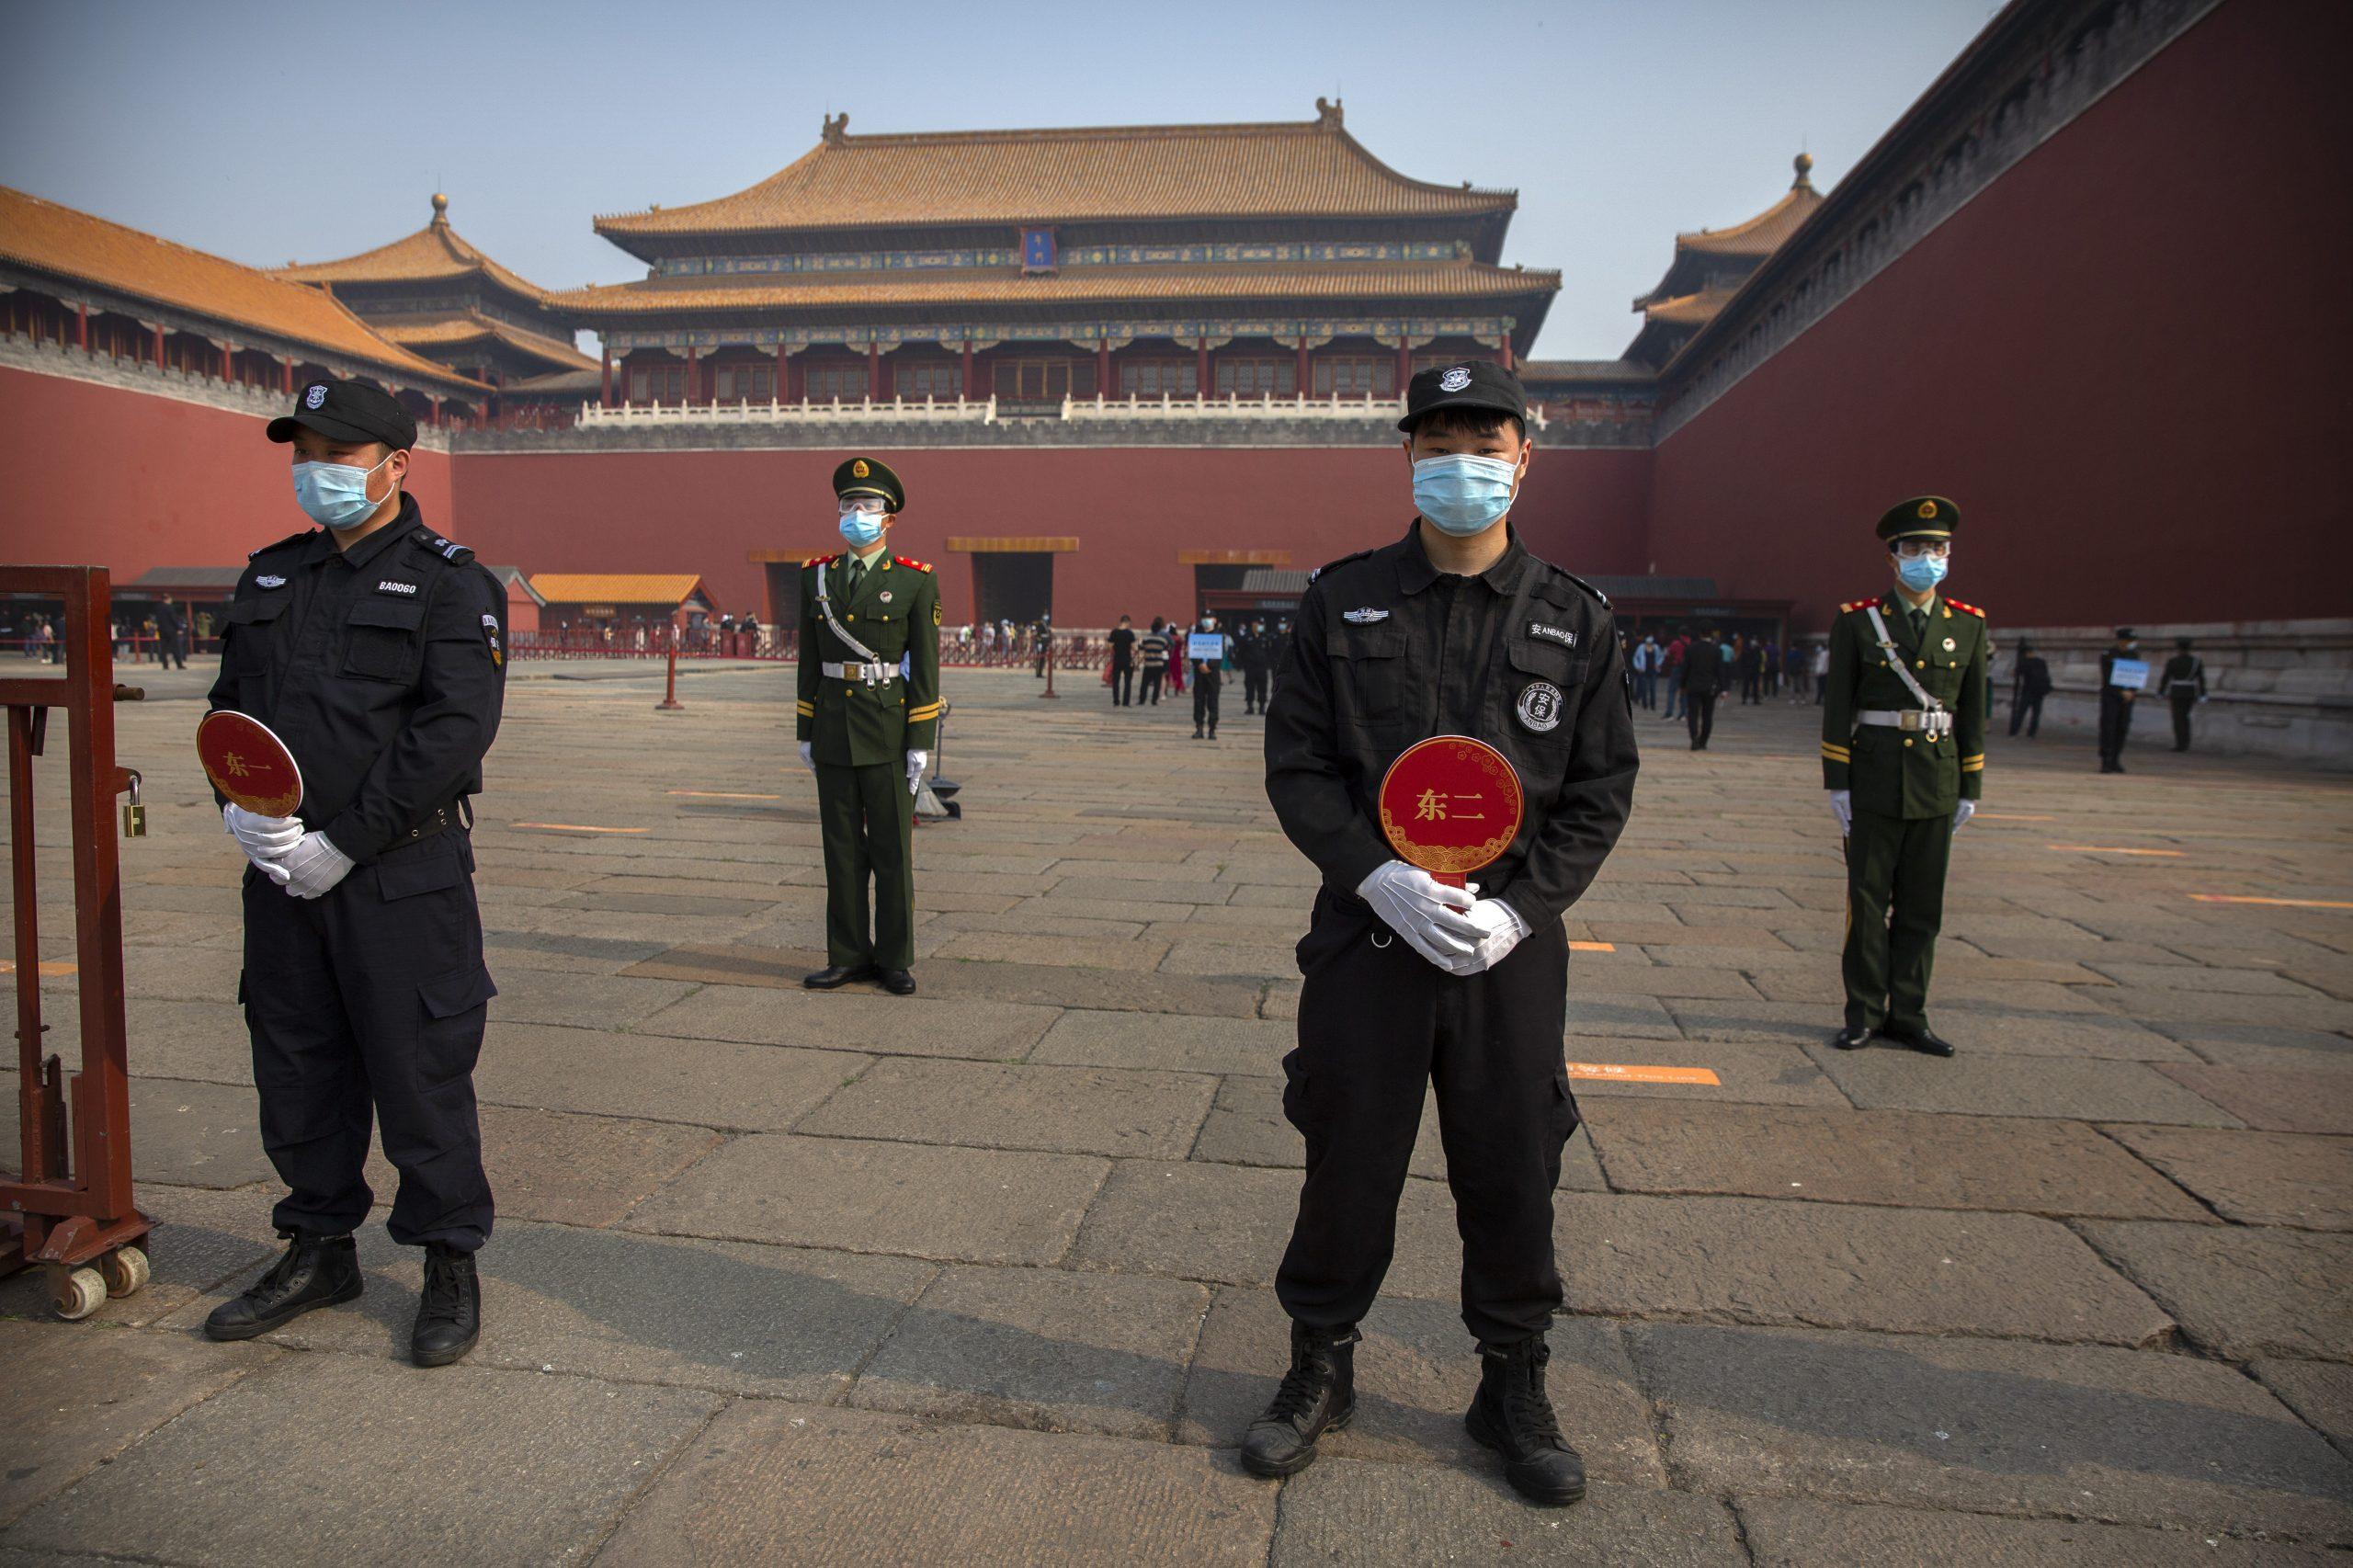 Védőmaszkos rendõrök és biztonsági őrök a pekingi Tiltott Városban 2020. május 1-jén. A koronavírus-járvány miatt három hónapig zárva tartó történelmi város / Fotó: MTI/AP